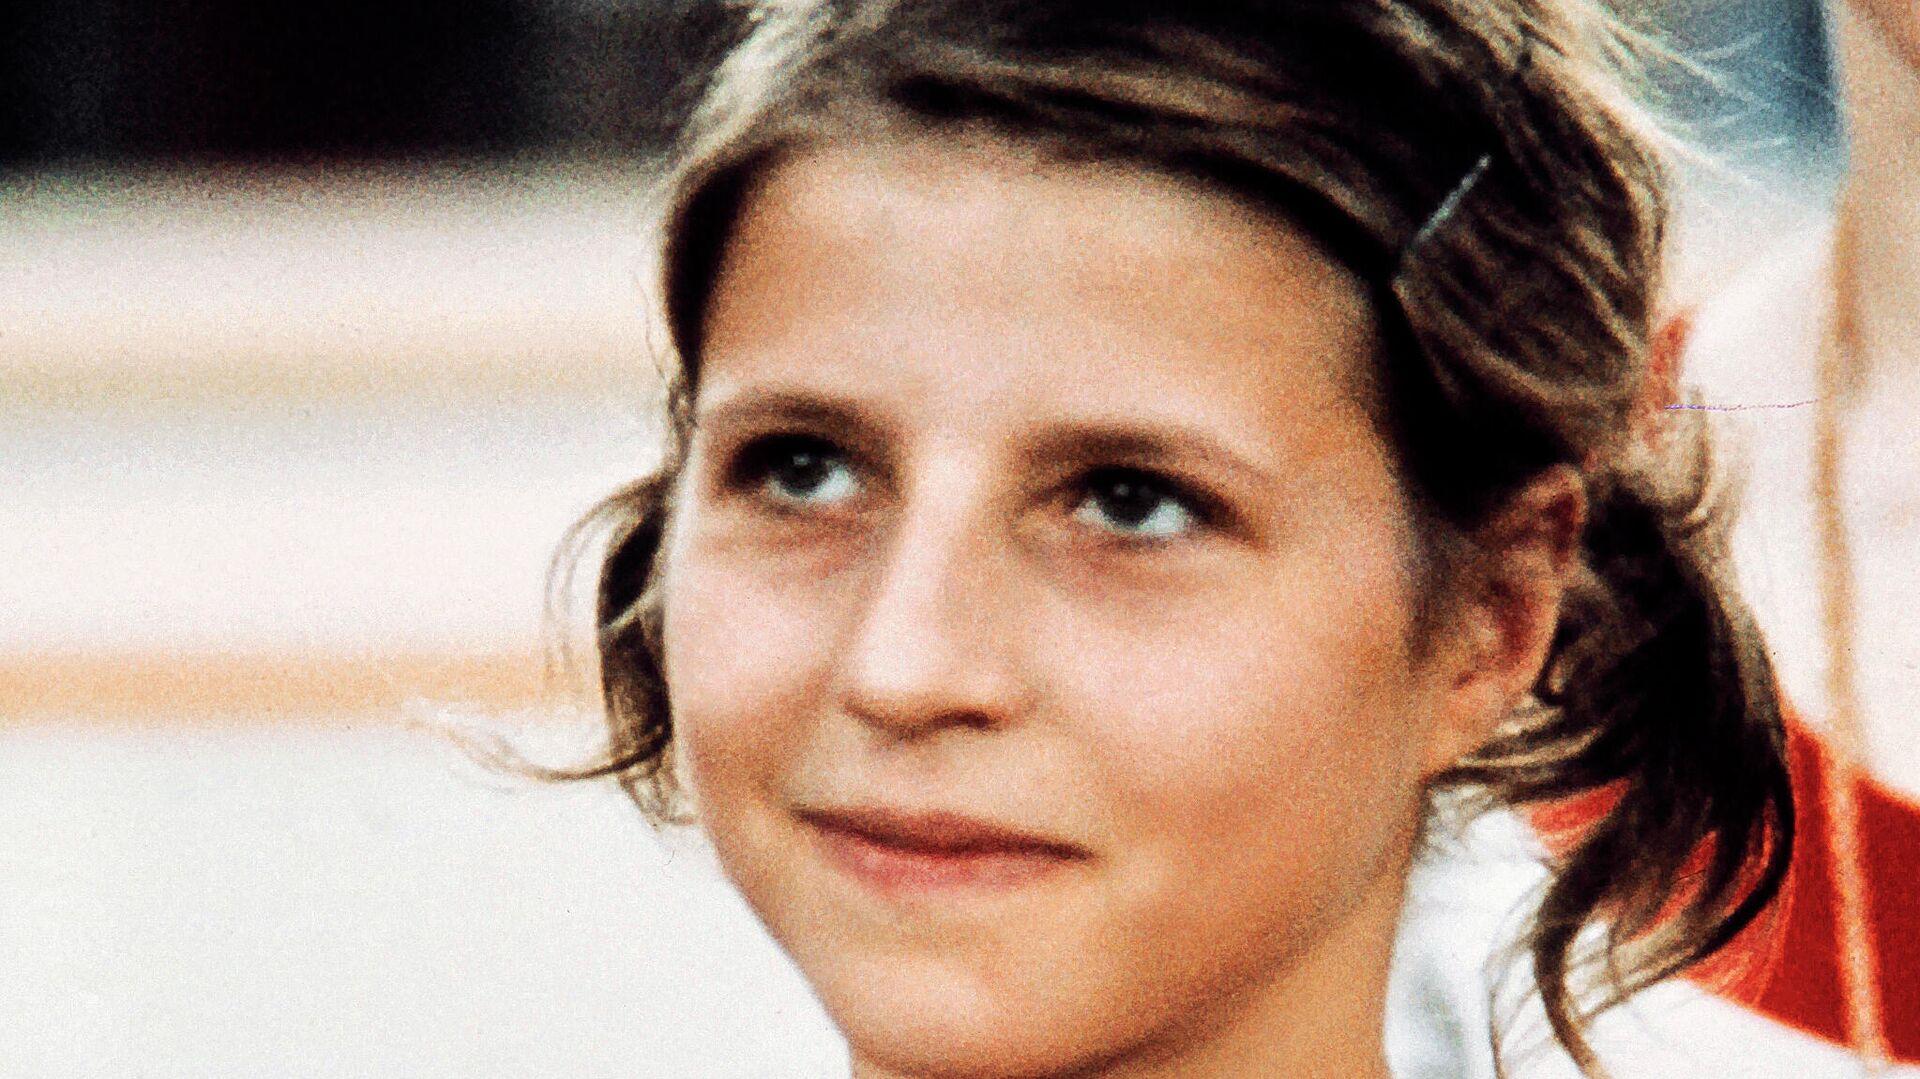 Гимнастка Ольга Корбут на Олимпийских играх 1972 года в Мюнхене - РИА Новости, 1920, 14.07.2021